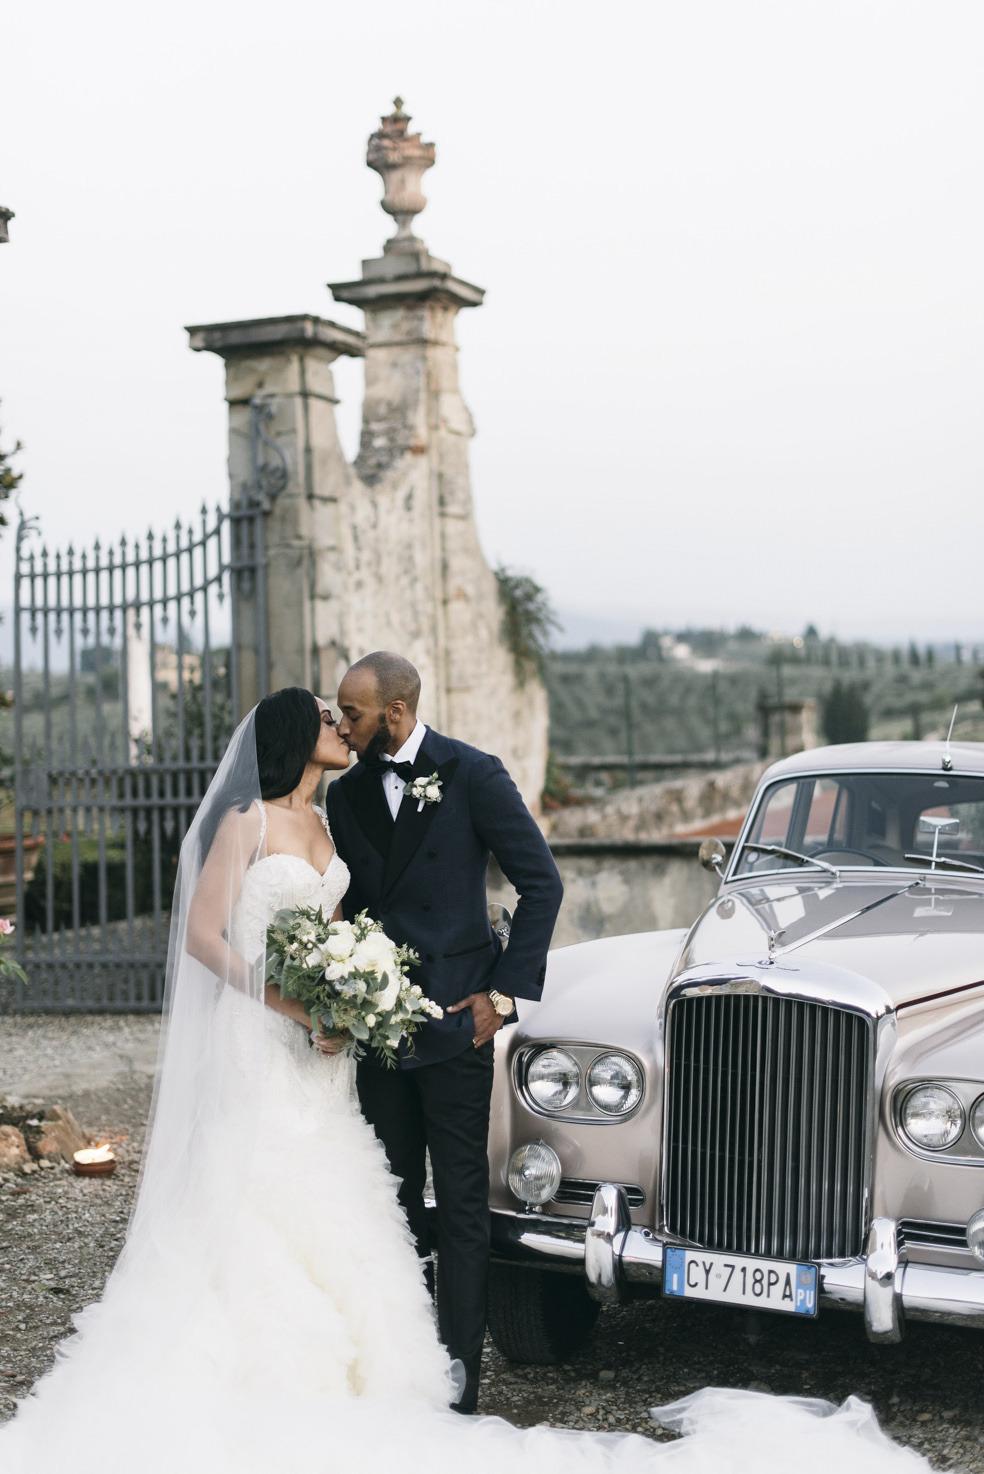 Luxury car for wedding in a Tuscan villa